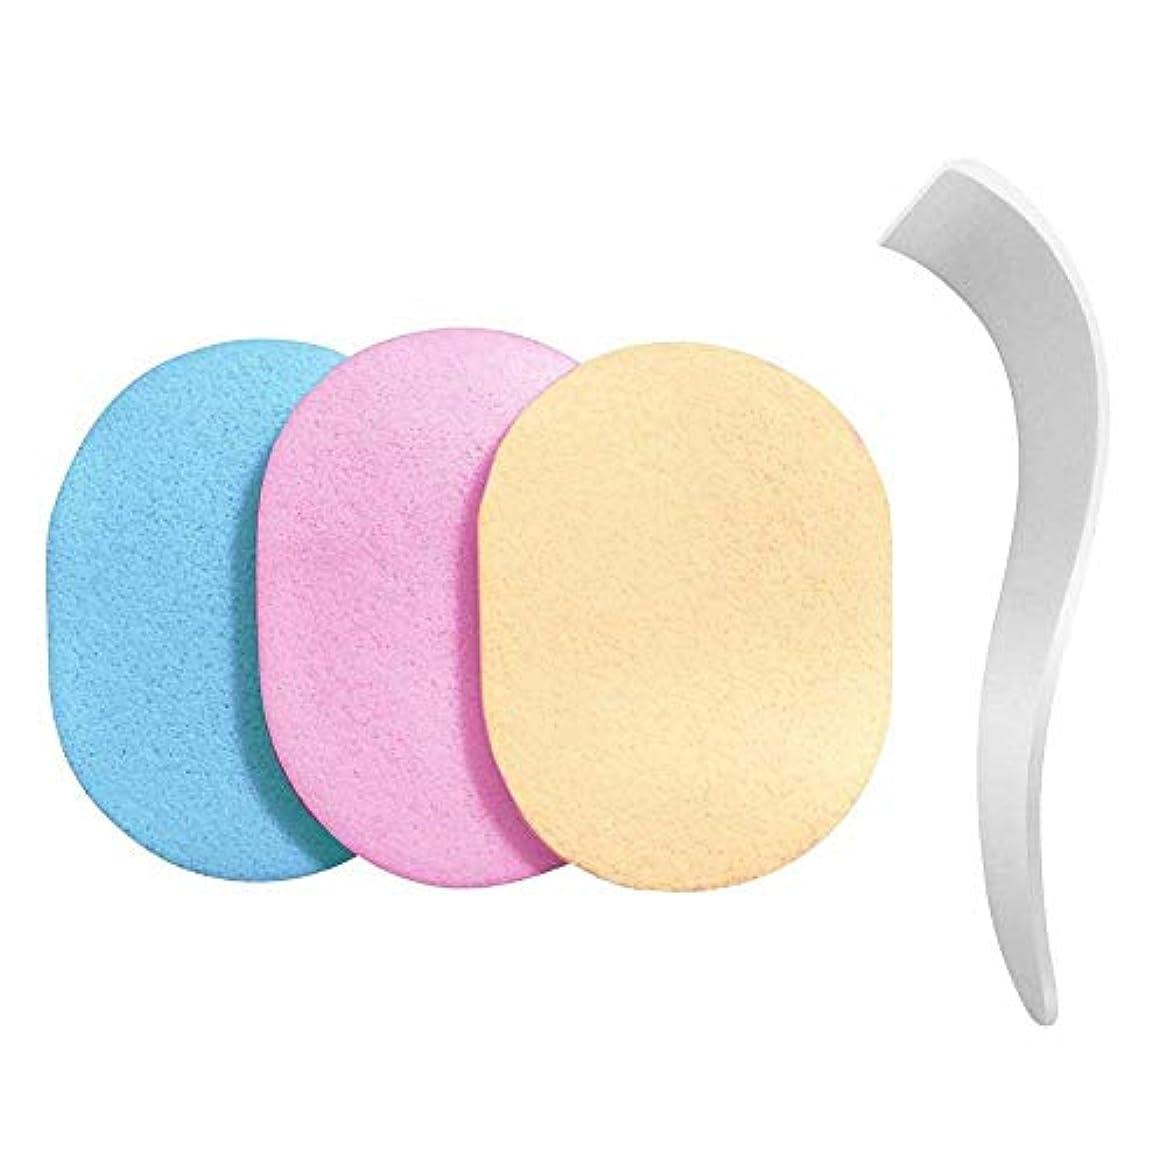 アルカイック存在する取得するFlymylion 専用ヘラ スポンジ 洗って使える 3色セット 除毛クリーム専用 メンズ レディース【除毛用】